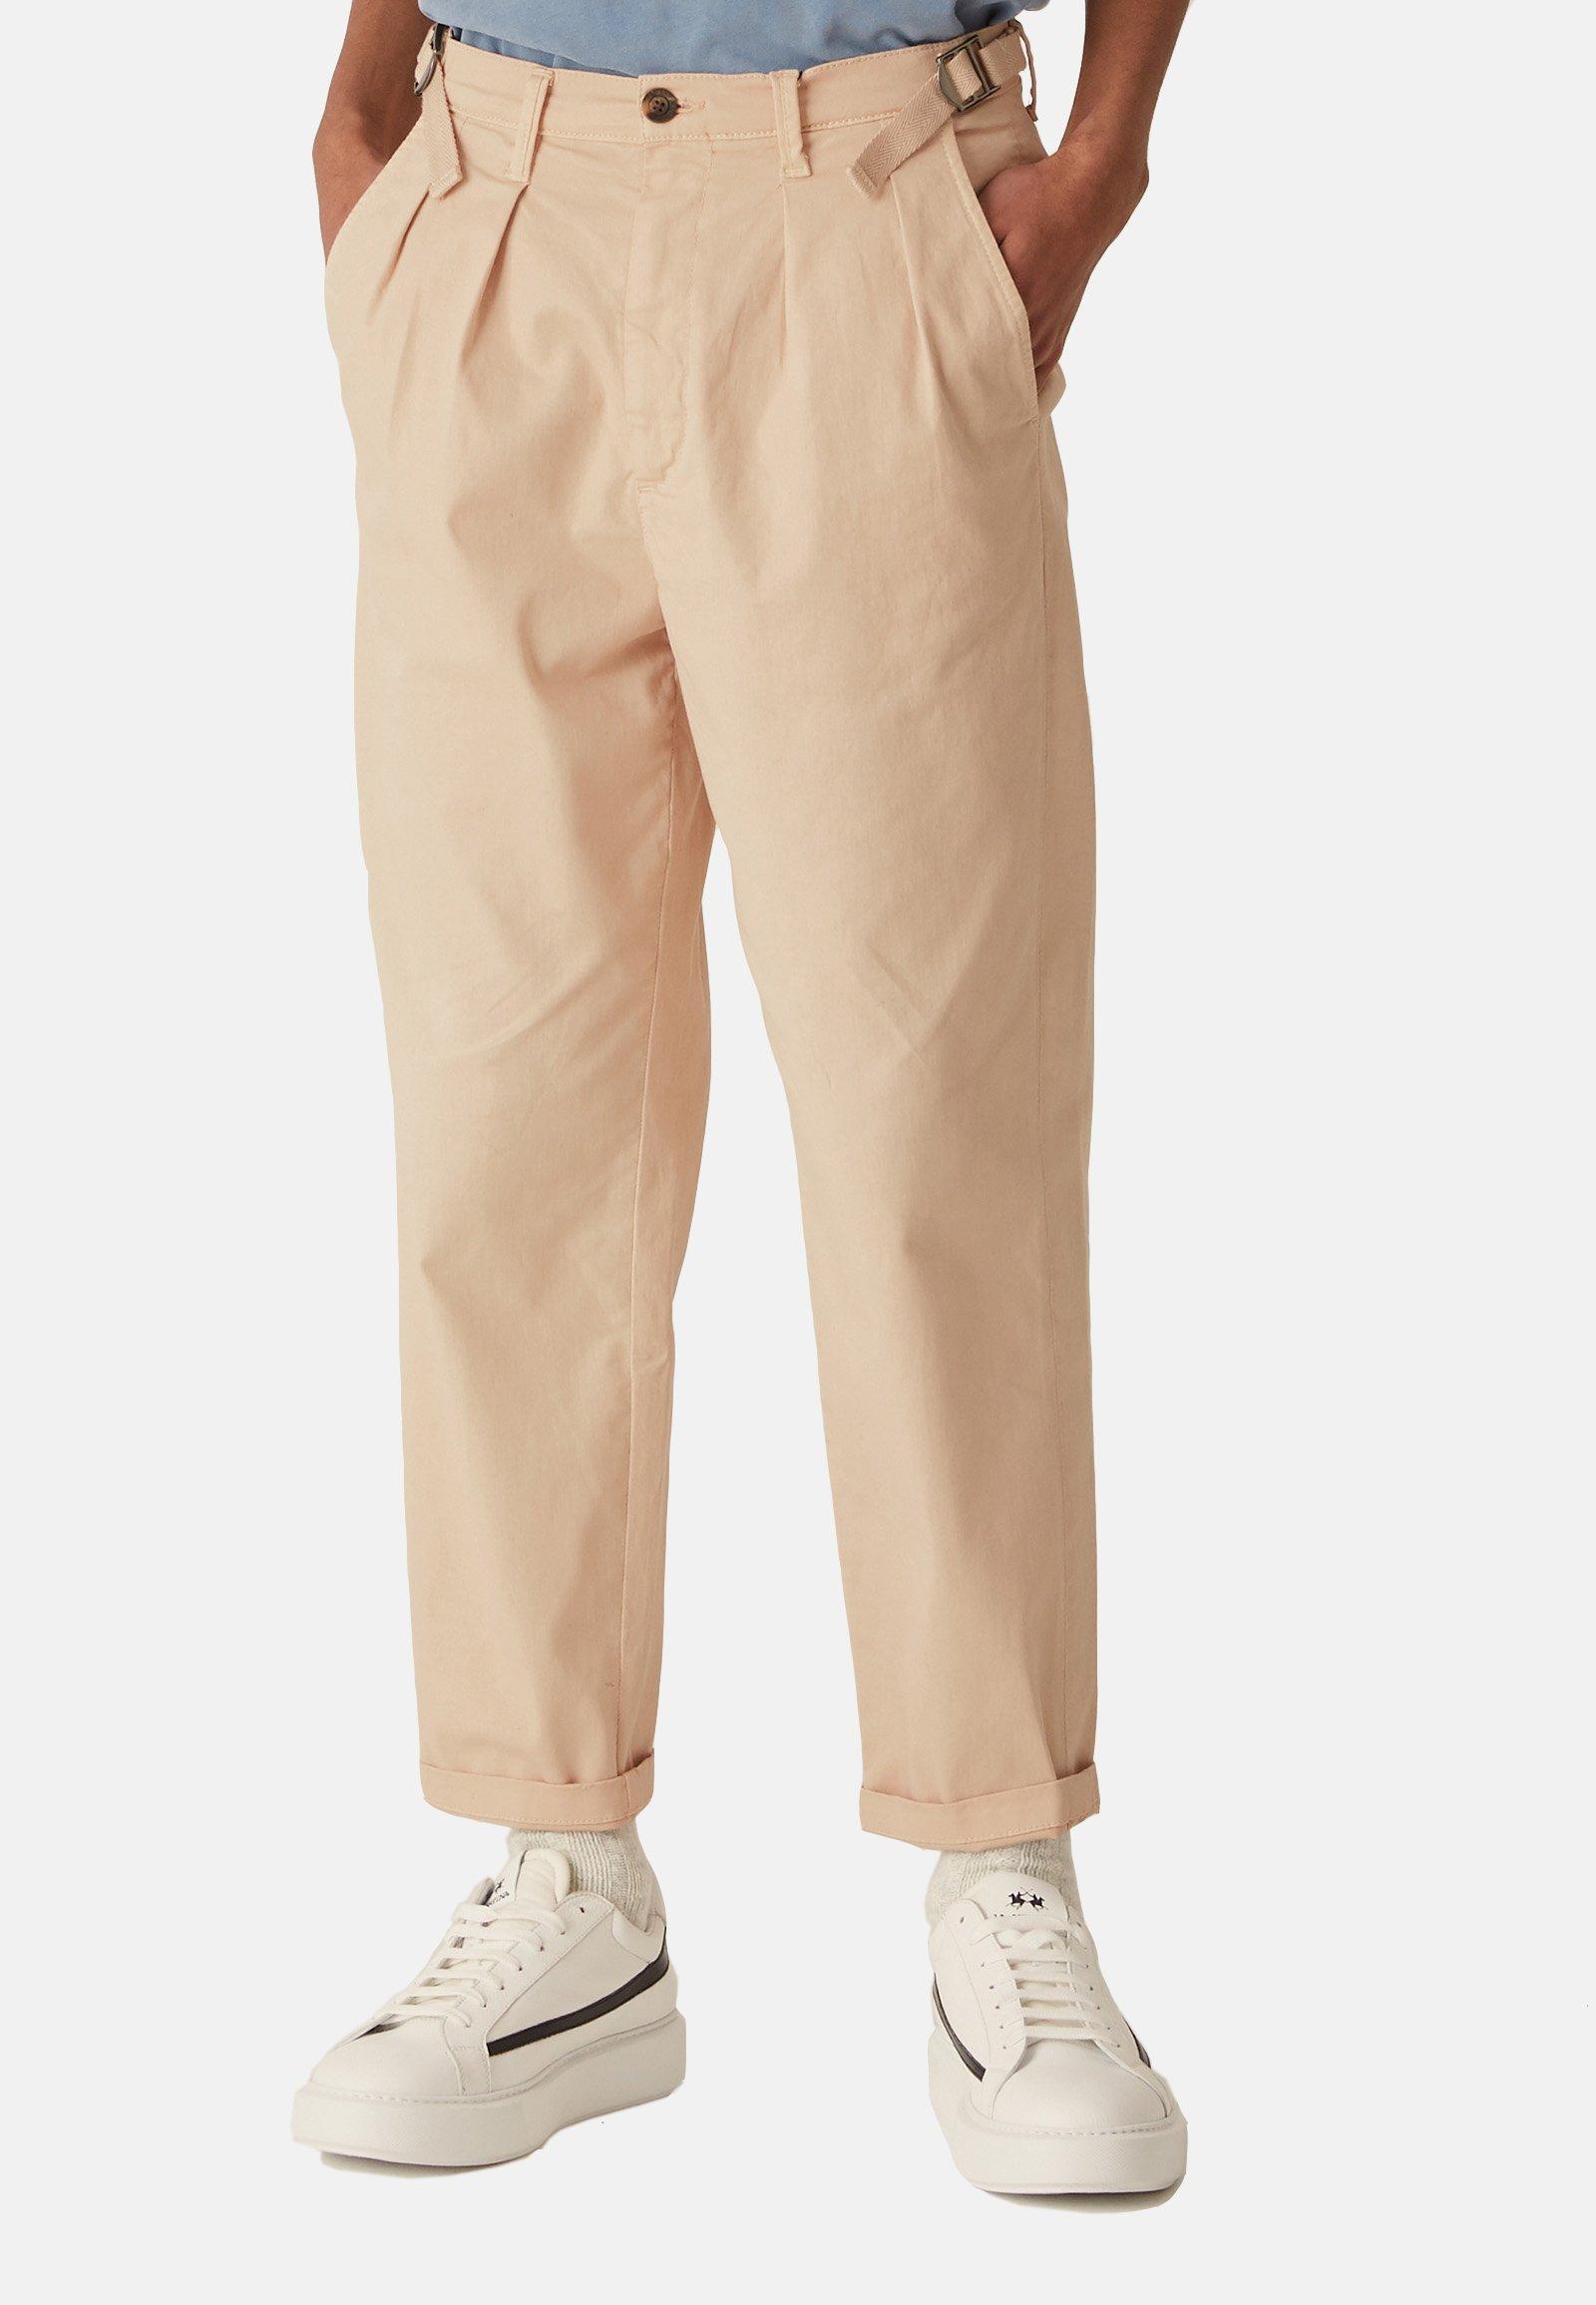 Uomo STELVIO - Pantaloni